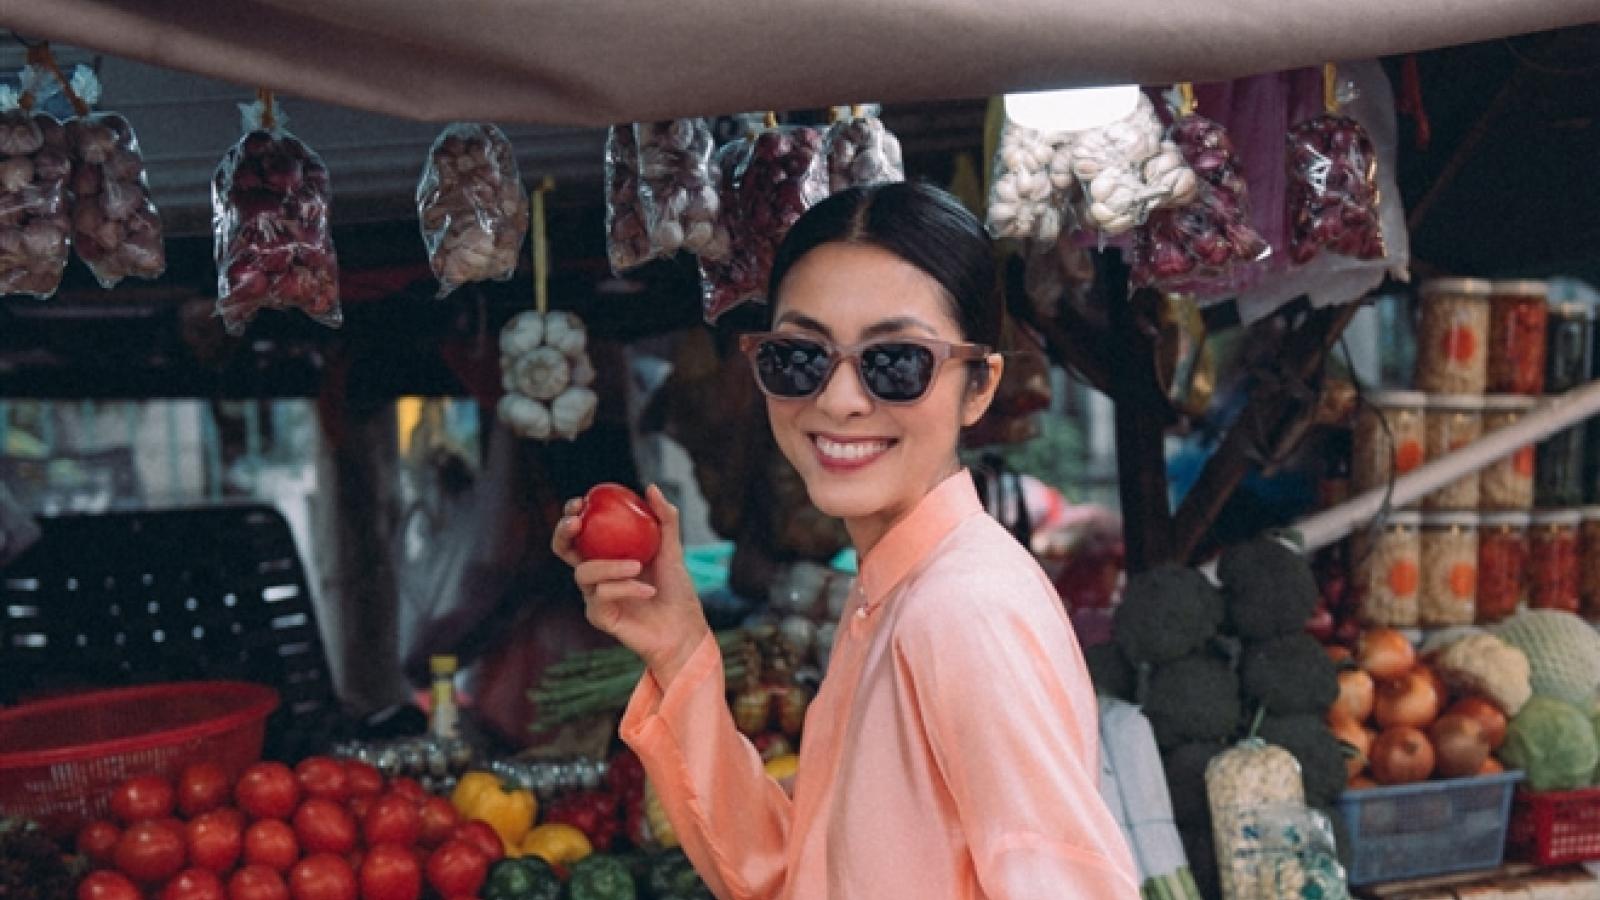 Tăng Thanh Hà mặc áo dài đi chợ Tết